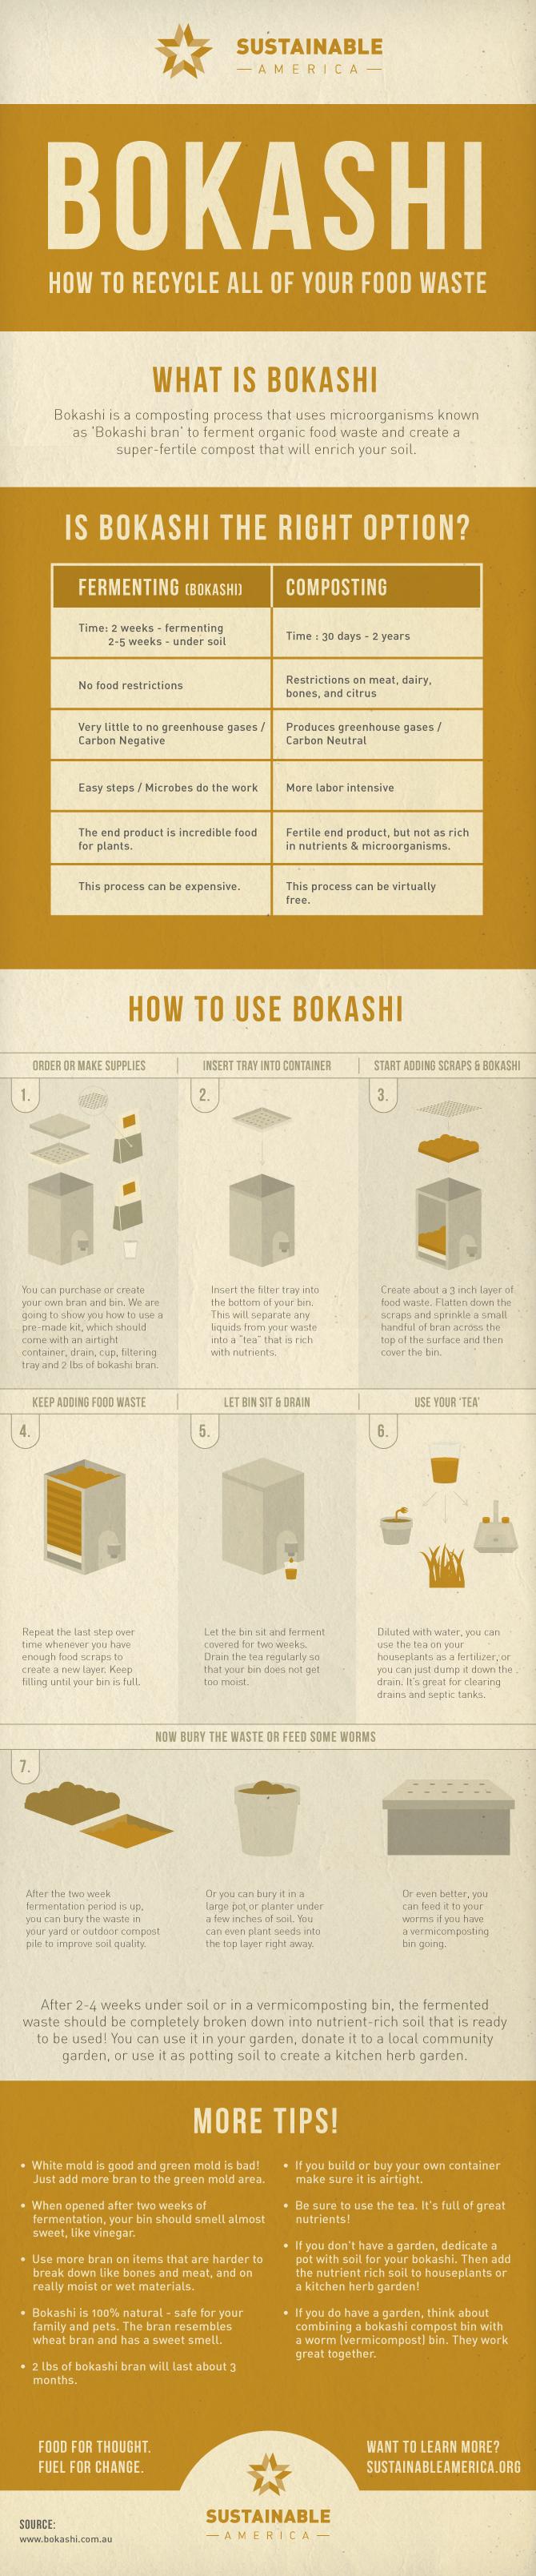 Guide To Sustainable Zero Waste Bokashi Composting